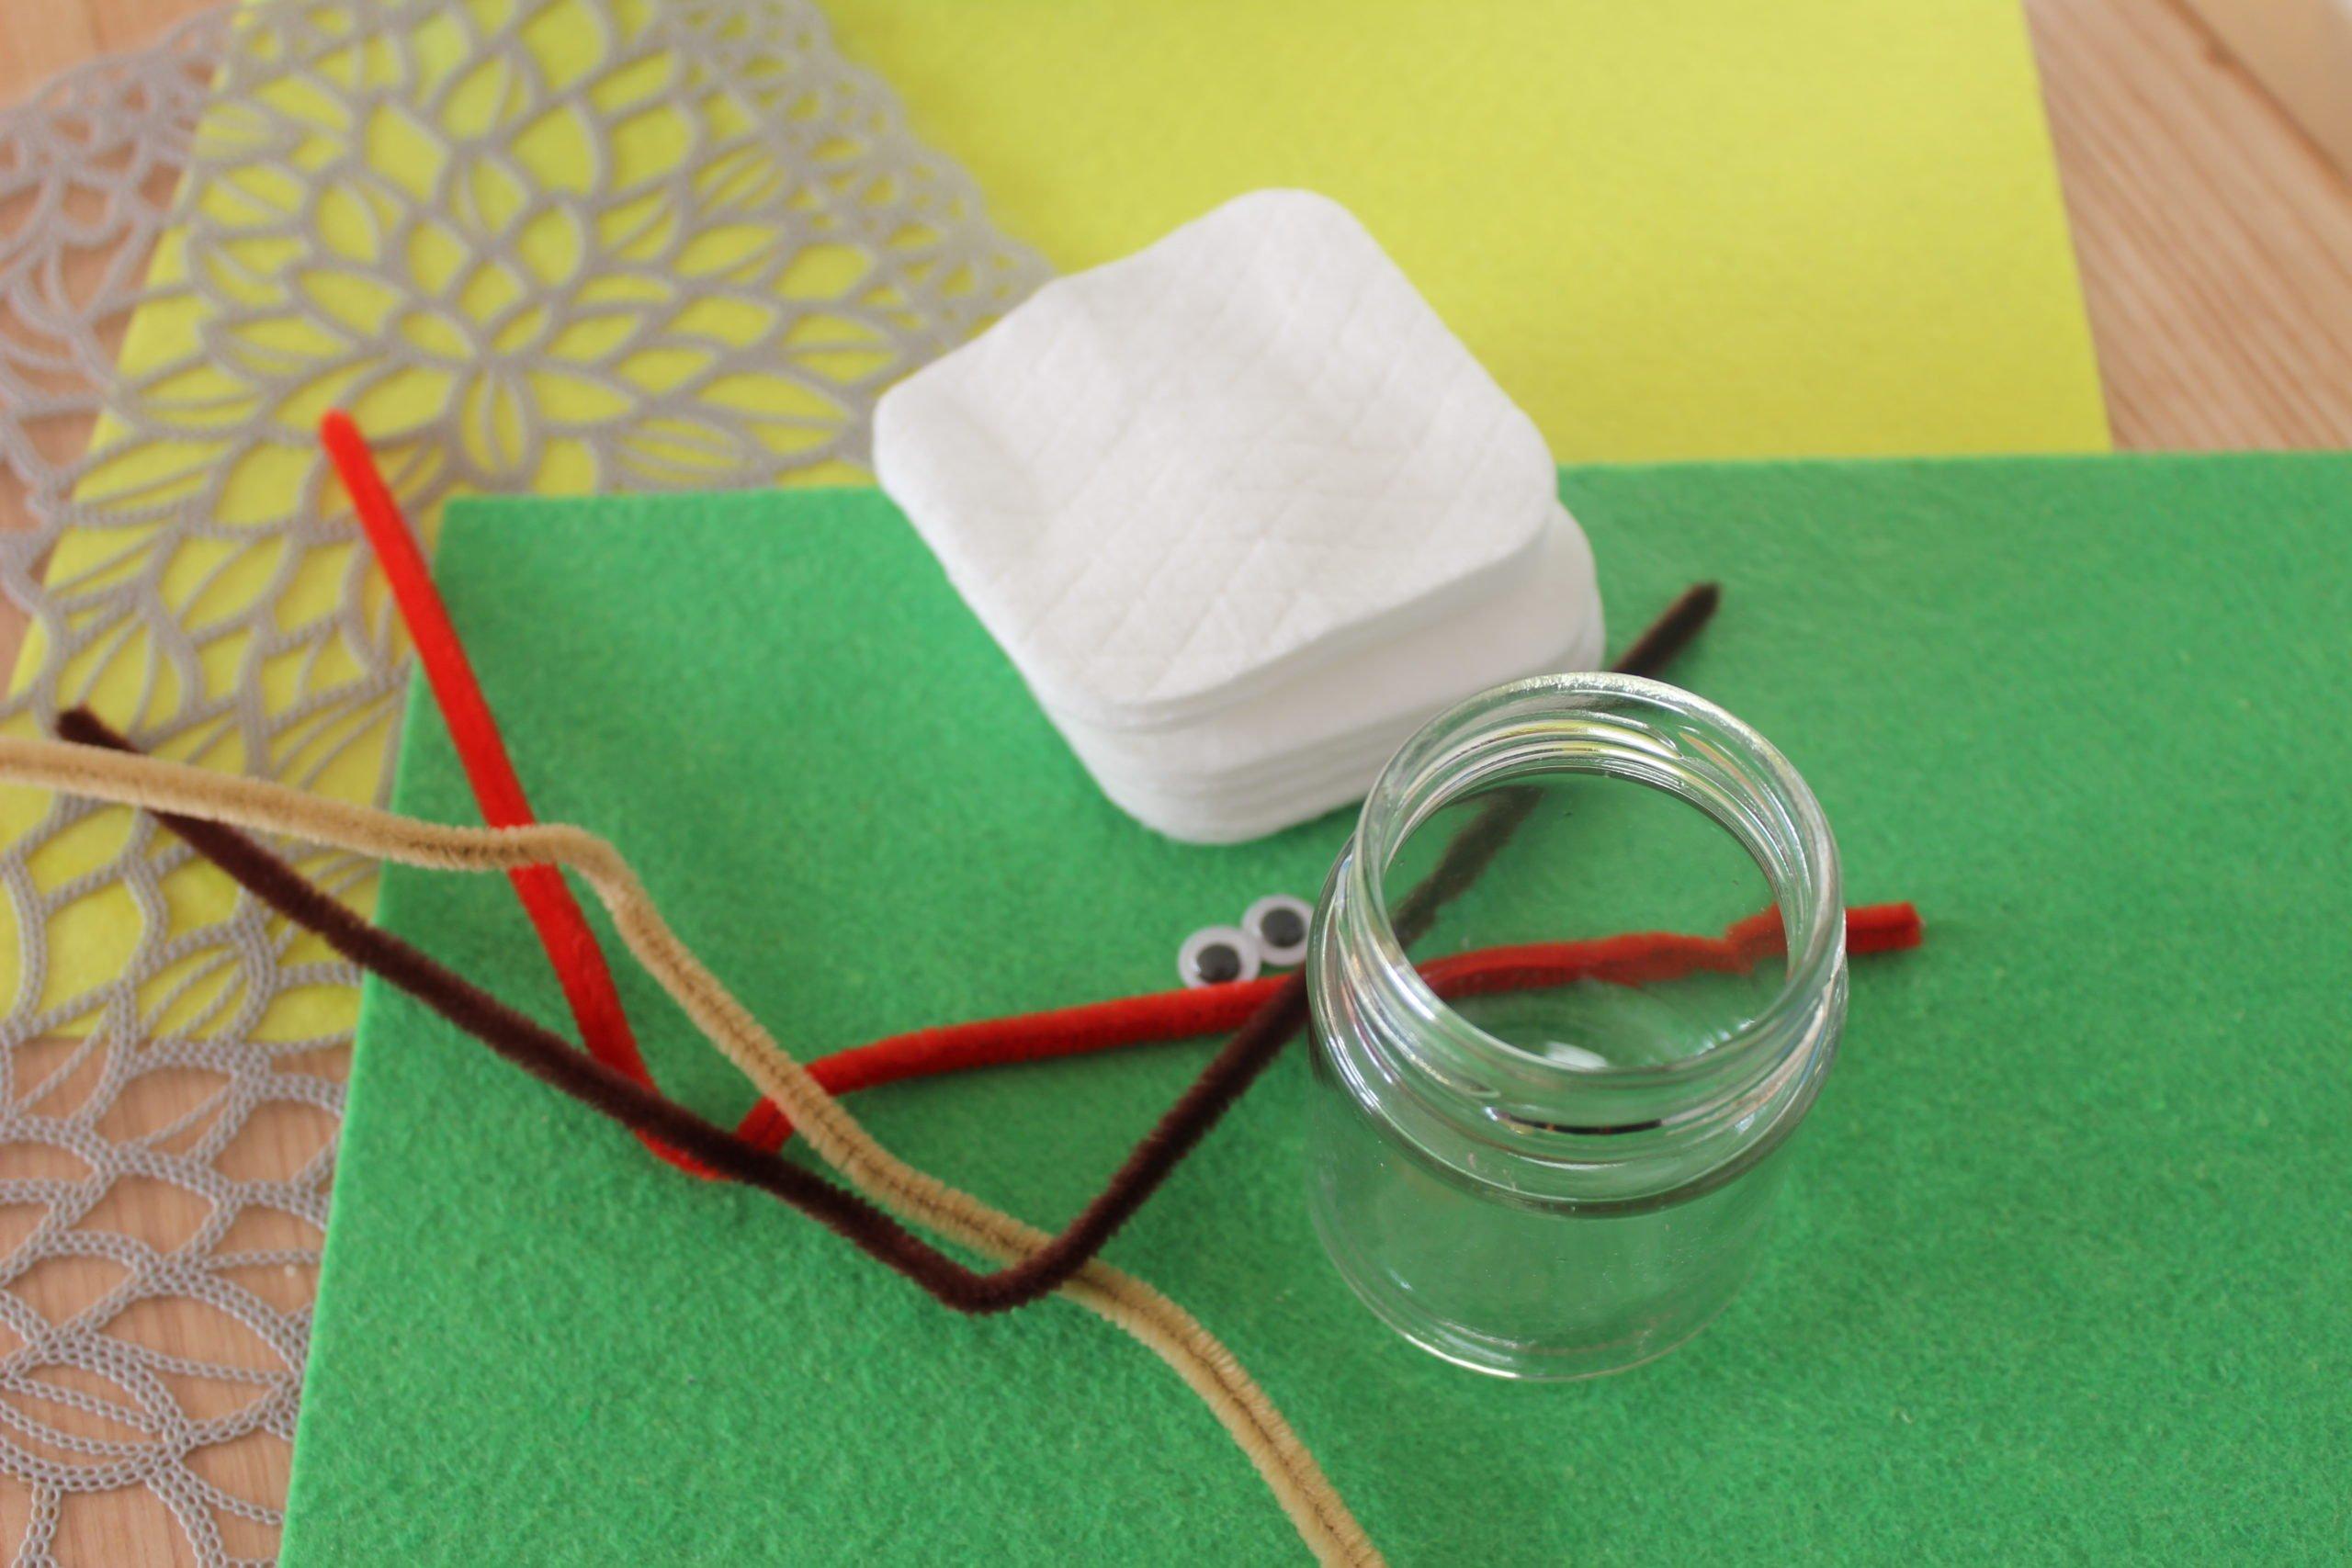 Jak zrobić królika z drucików kreatywnych, prosta zabawa wielkanocna dla dzieci